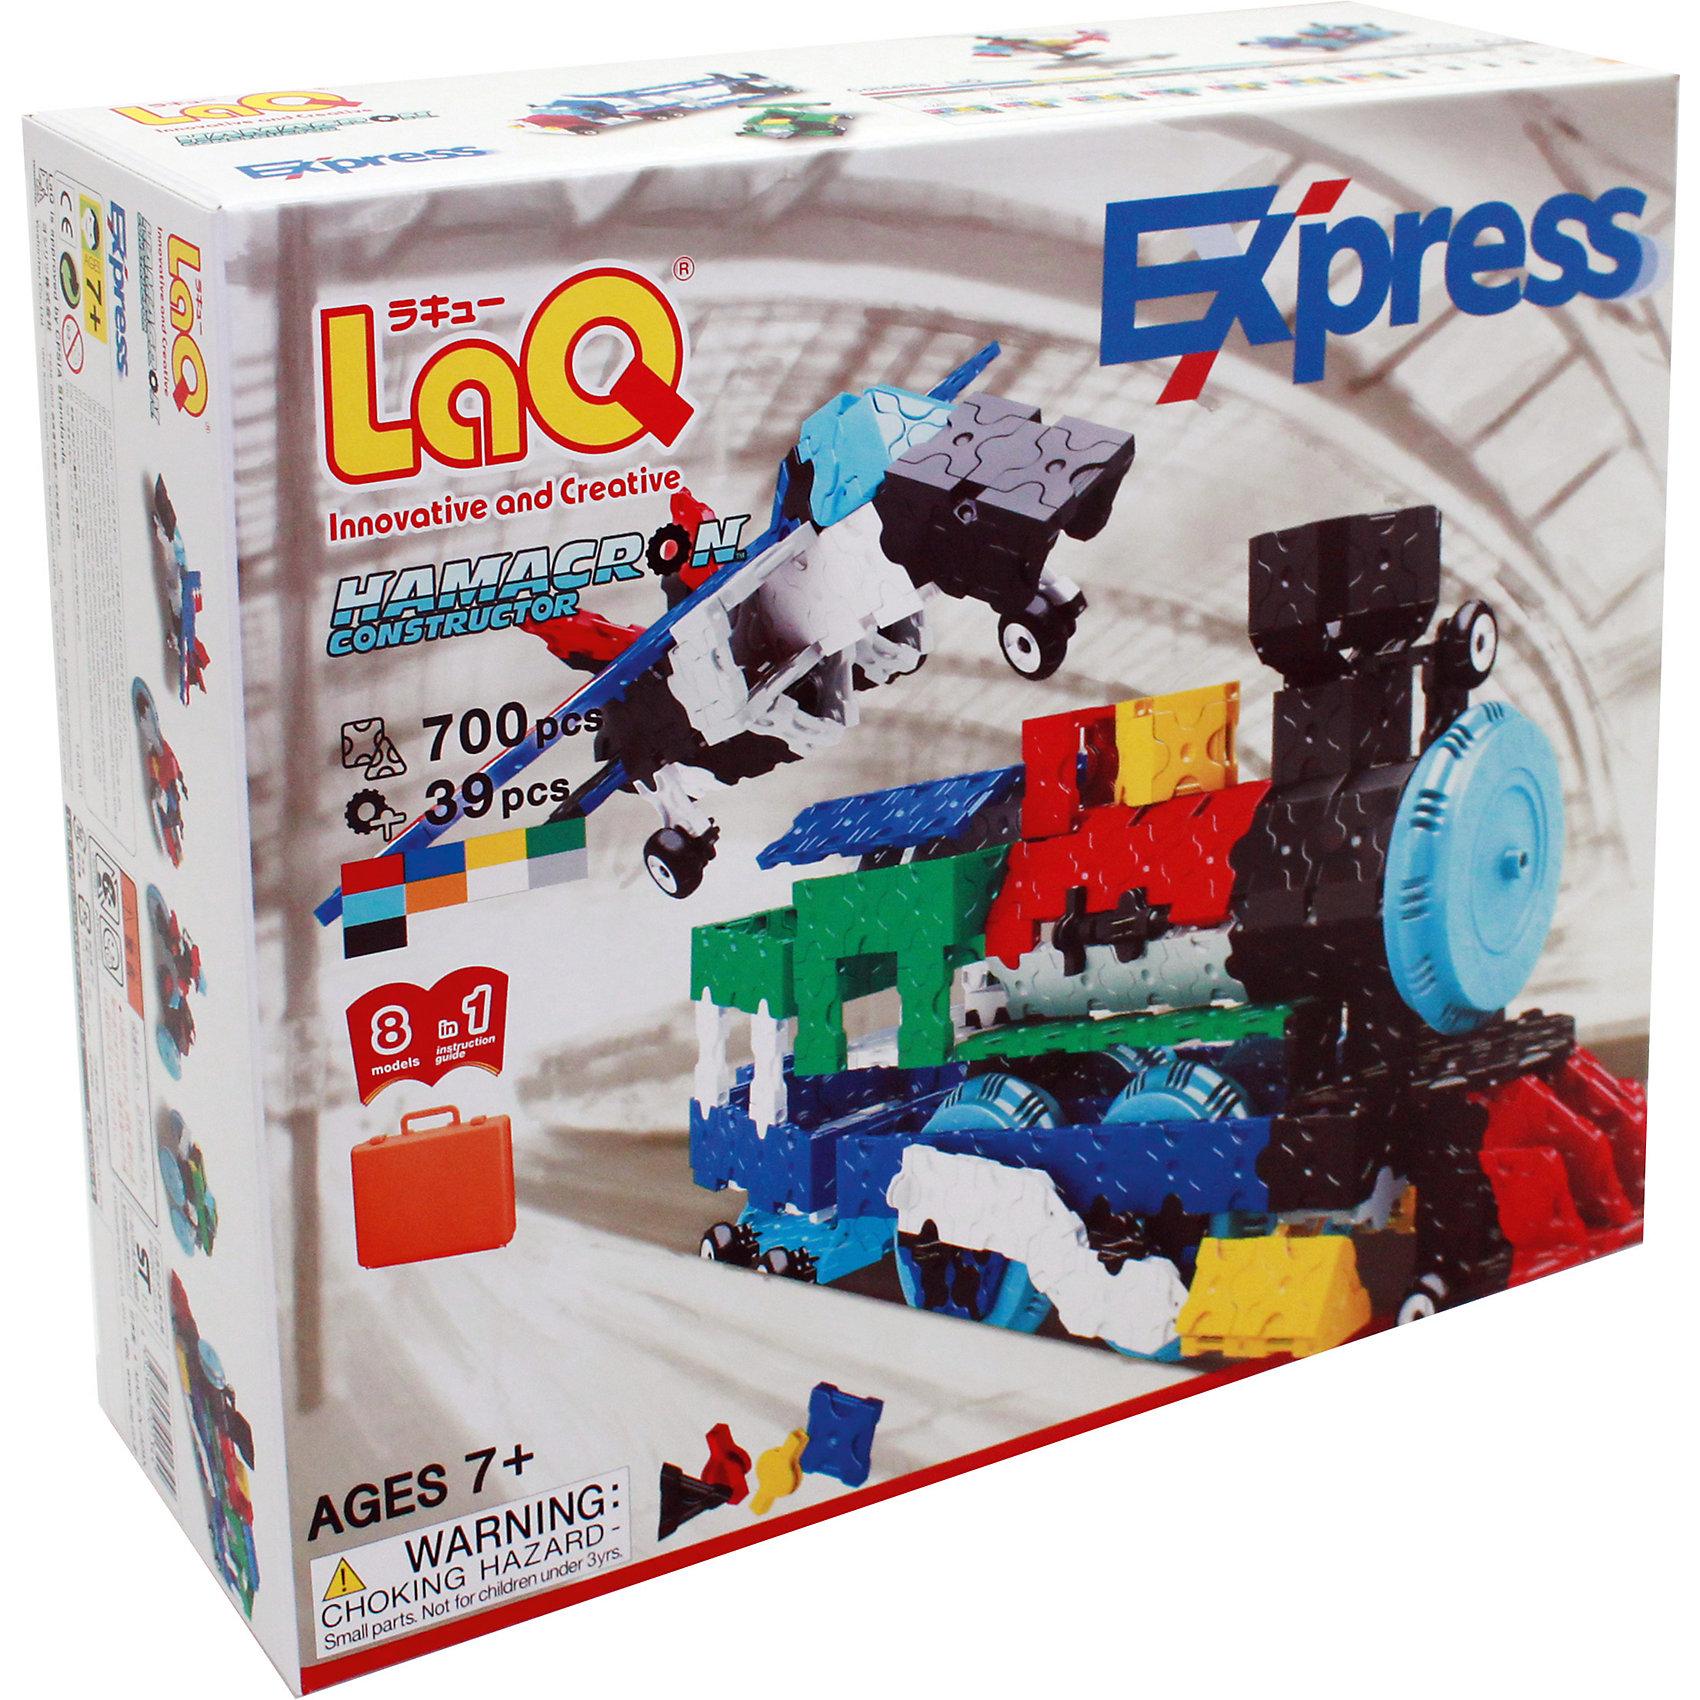 Конструктор Express, 739 деталей, LaQКонструктор Express состоит из 739 оригинальных деталей, из которых ребенок с легкостью сможет собрать различные транспортные средства, животных, цветы и деревья. В наборе имеются яркие детали с формой треугольника и квадрата, с пятью удобными боковыми креплениями, которые можно соединять как прямо, так и с наклоном. Игра с конструктором развивает воображение, мелкую моторику и усидчивость. Соединять детали невероятно просто, что позволит юному скульптору играть с удовольствием!<br><br>Дополнительная информация:<br>В наборе: 739 деталей, инструкция для 3D моделей<br>Материал: пластик<br>Размер упаковки: 32х25х8 см<br>Вес: 1125 грамм<br>Конструктор Express можно приобрести в нашем интернет-магазине.<br><br>Ширина мм: 320<br>Глубина мм: 80<br>Высота мм: 240<br>Вес г: 1330<br>Возраст от месяцев: 84<br>Возраст до месяцев: 1188<br>Пол: Унисекс<br>Возраст: Детский<br>SKU: 4944567